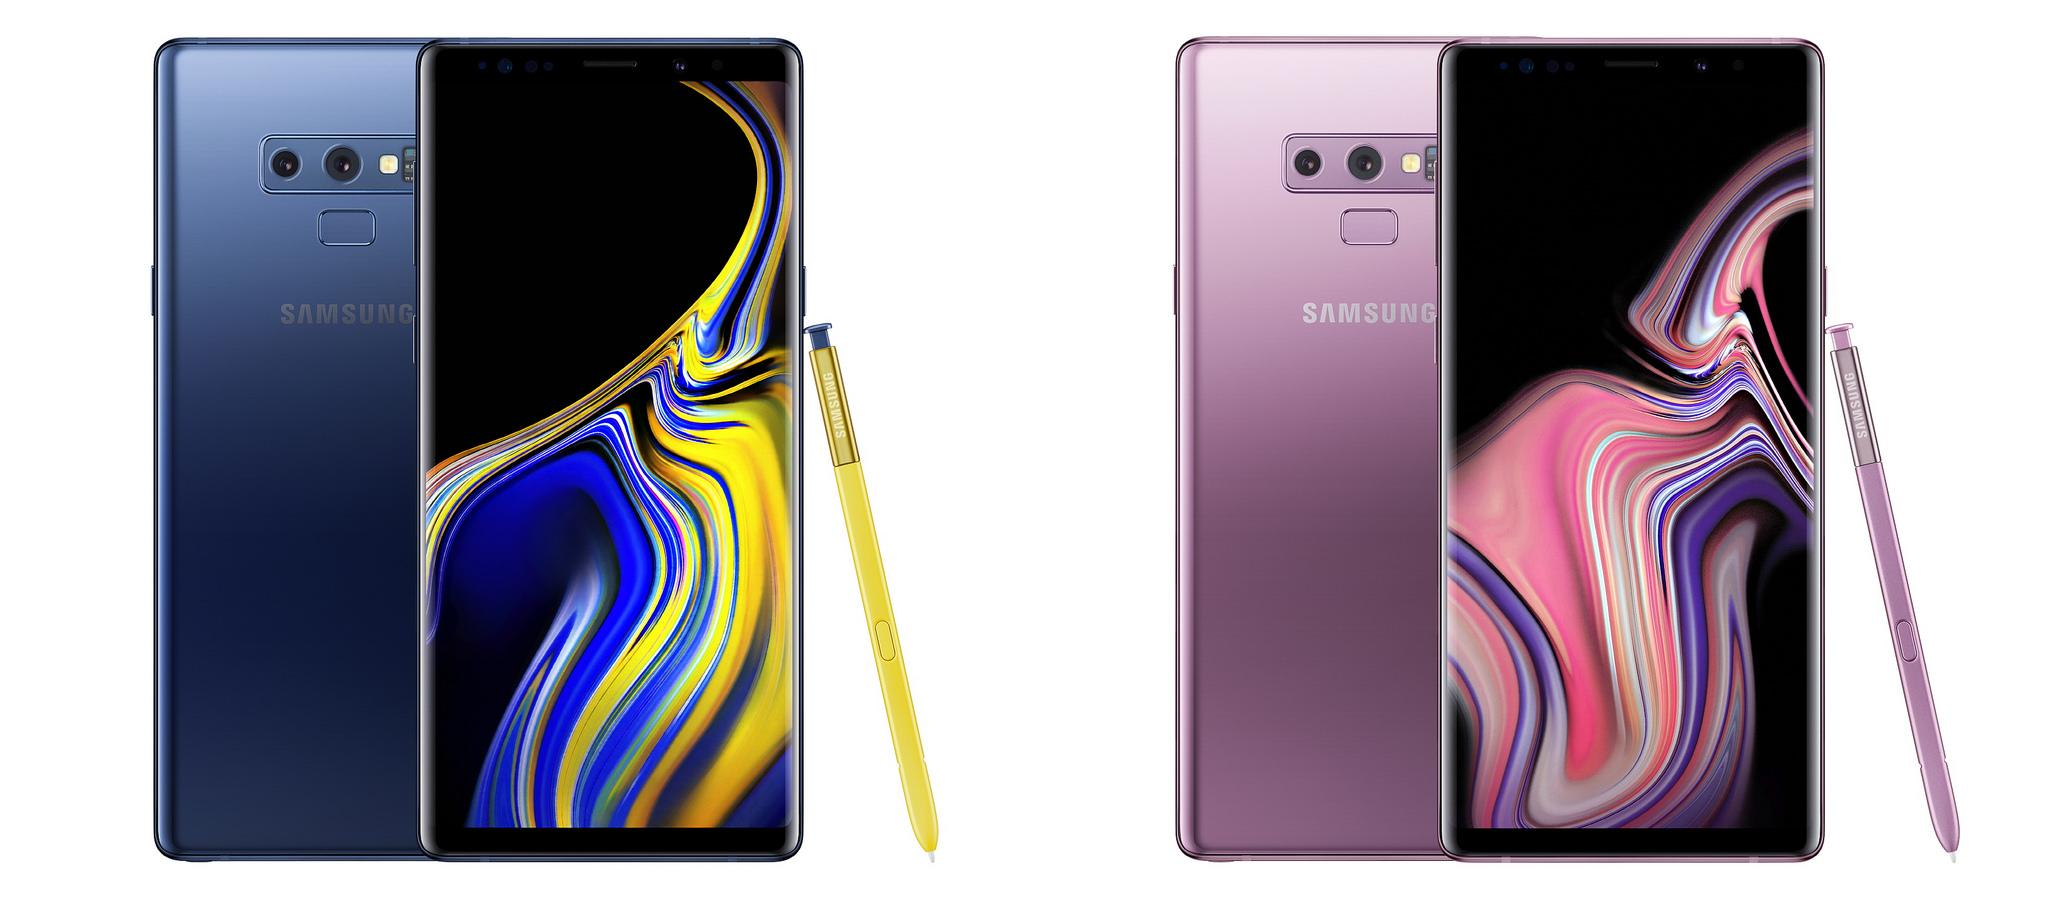 В Украине открыли предзаказы на Samsung Galaxy Note9 по цене 34 999 грн